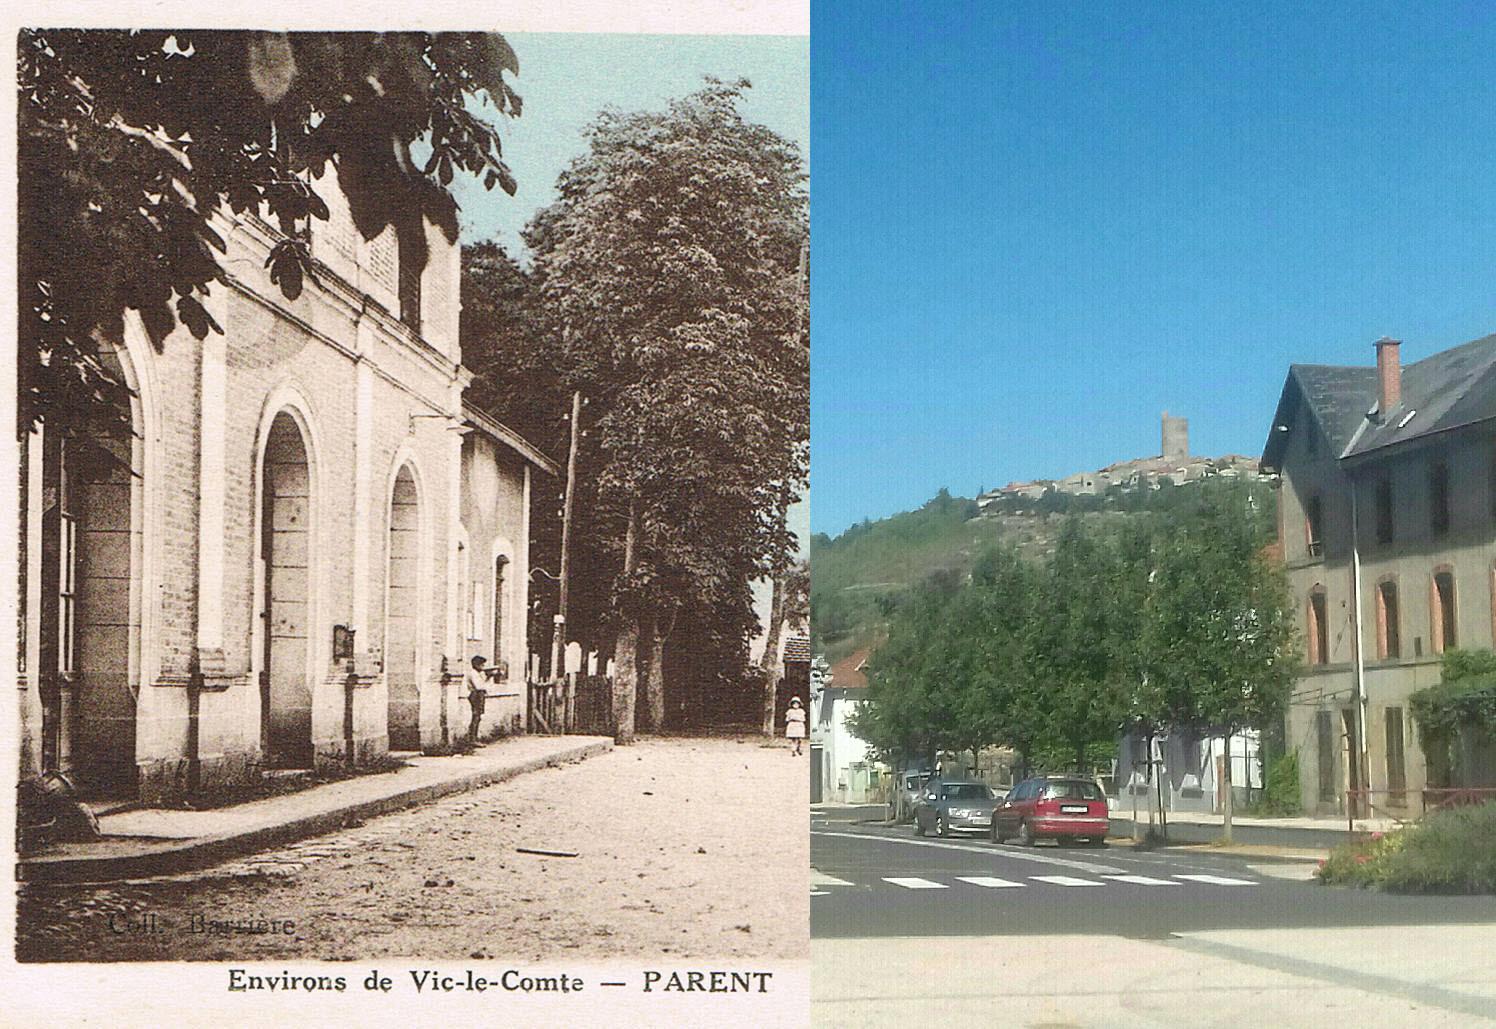 Parent - Parent - INSEE 63269 - Gare de Parent Coudes Champeix et les Hôtels - Environs de Vic-le-Comte.